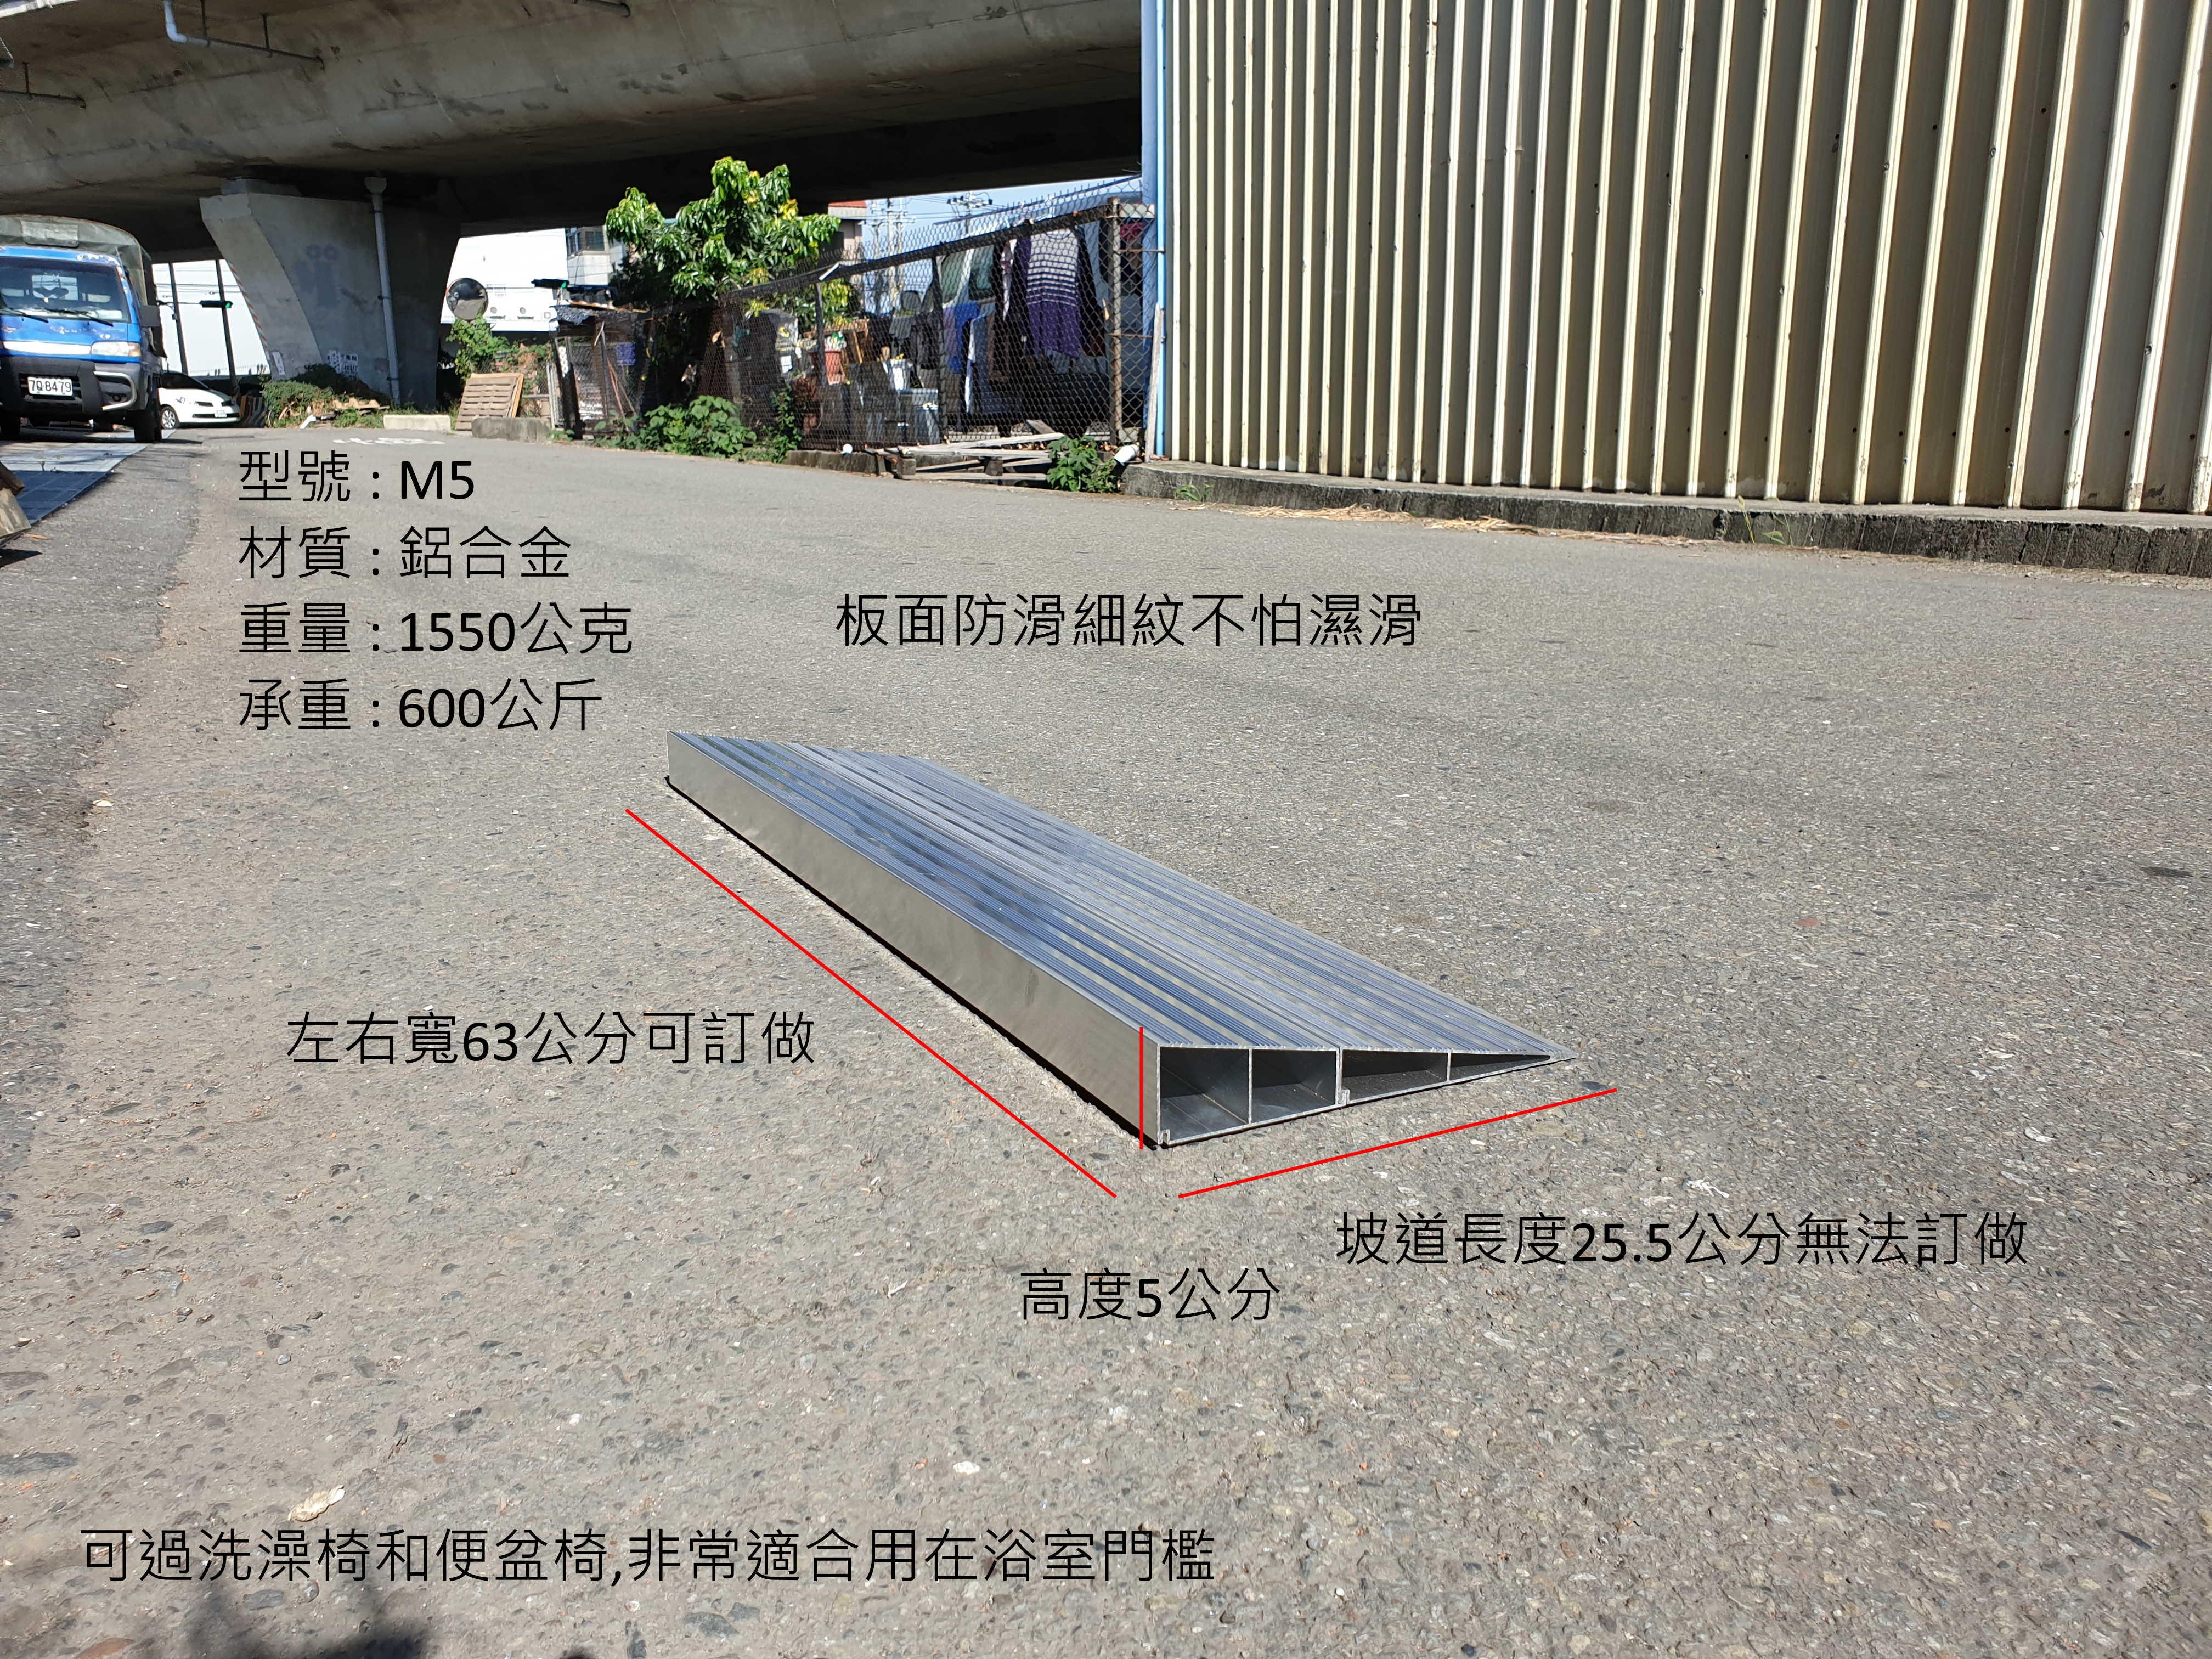 門檻斜坡板組合式 型號M5